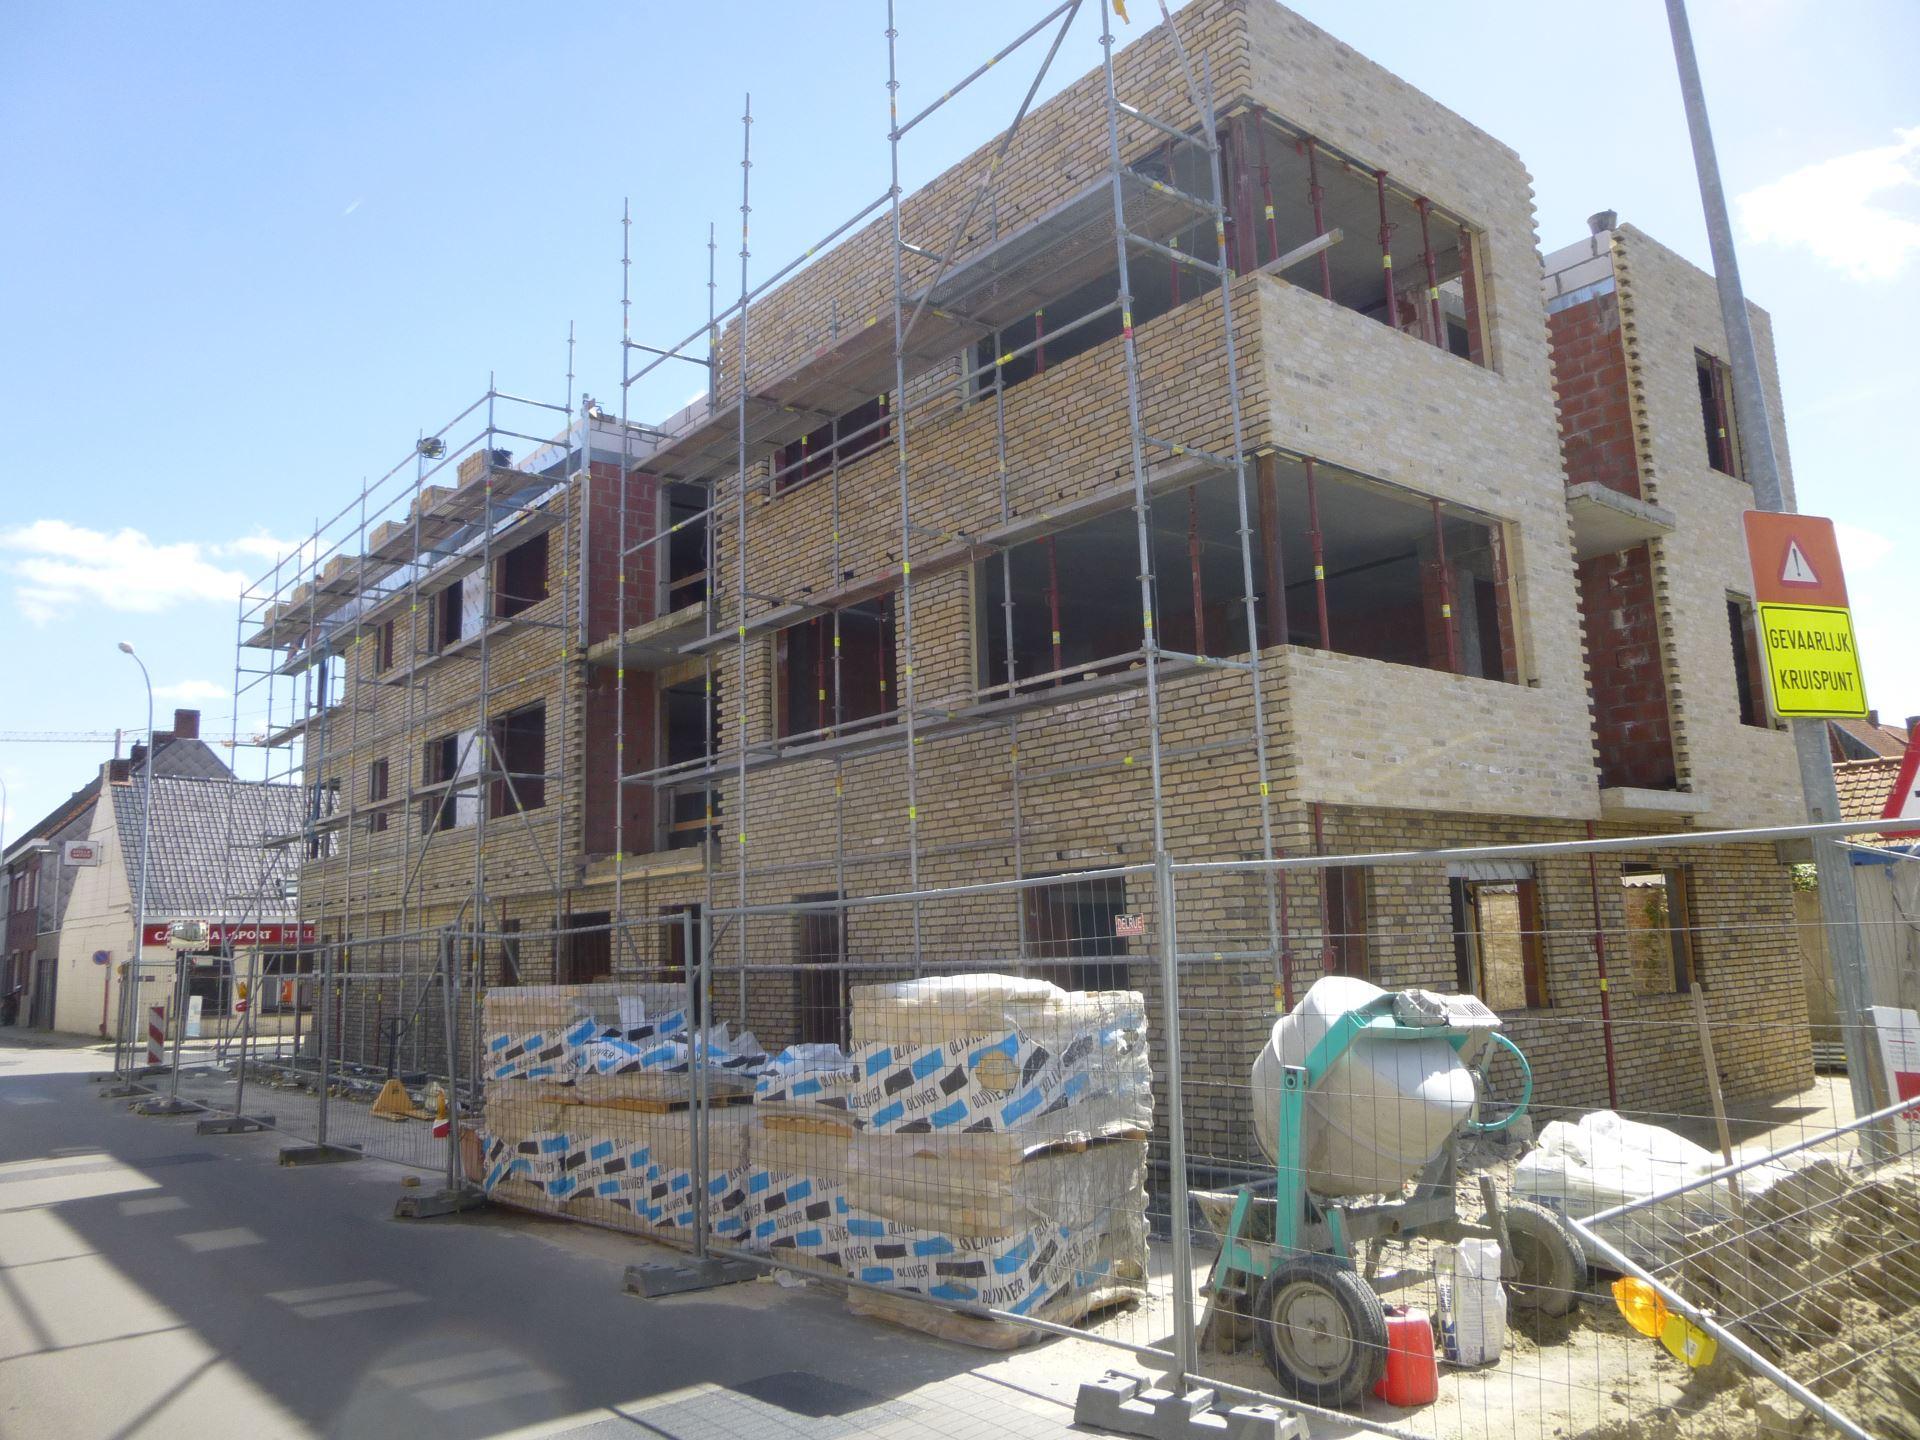 http://www.cokelaerebouwteam.be/wp-content/uploads/2015/04/project_nieuwbouw_appartementen_bouw_cokelaerebouwteam_1.jpg